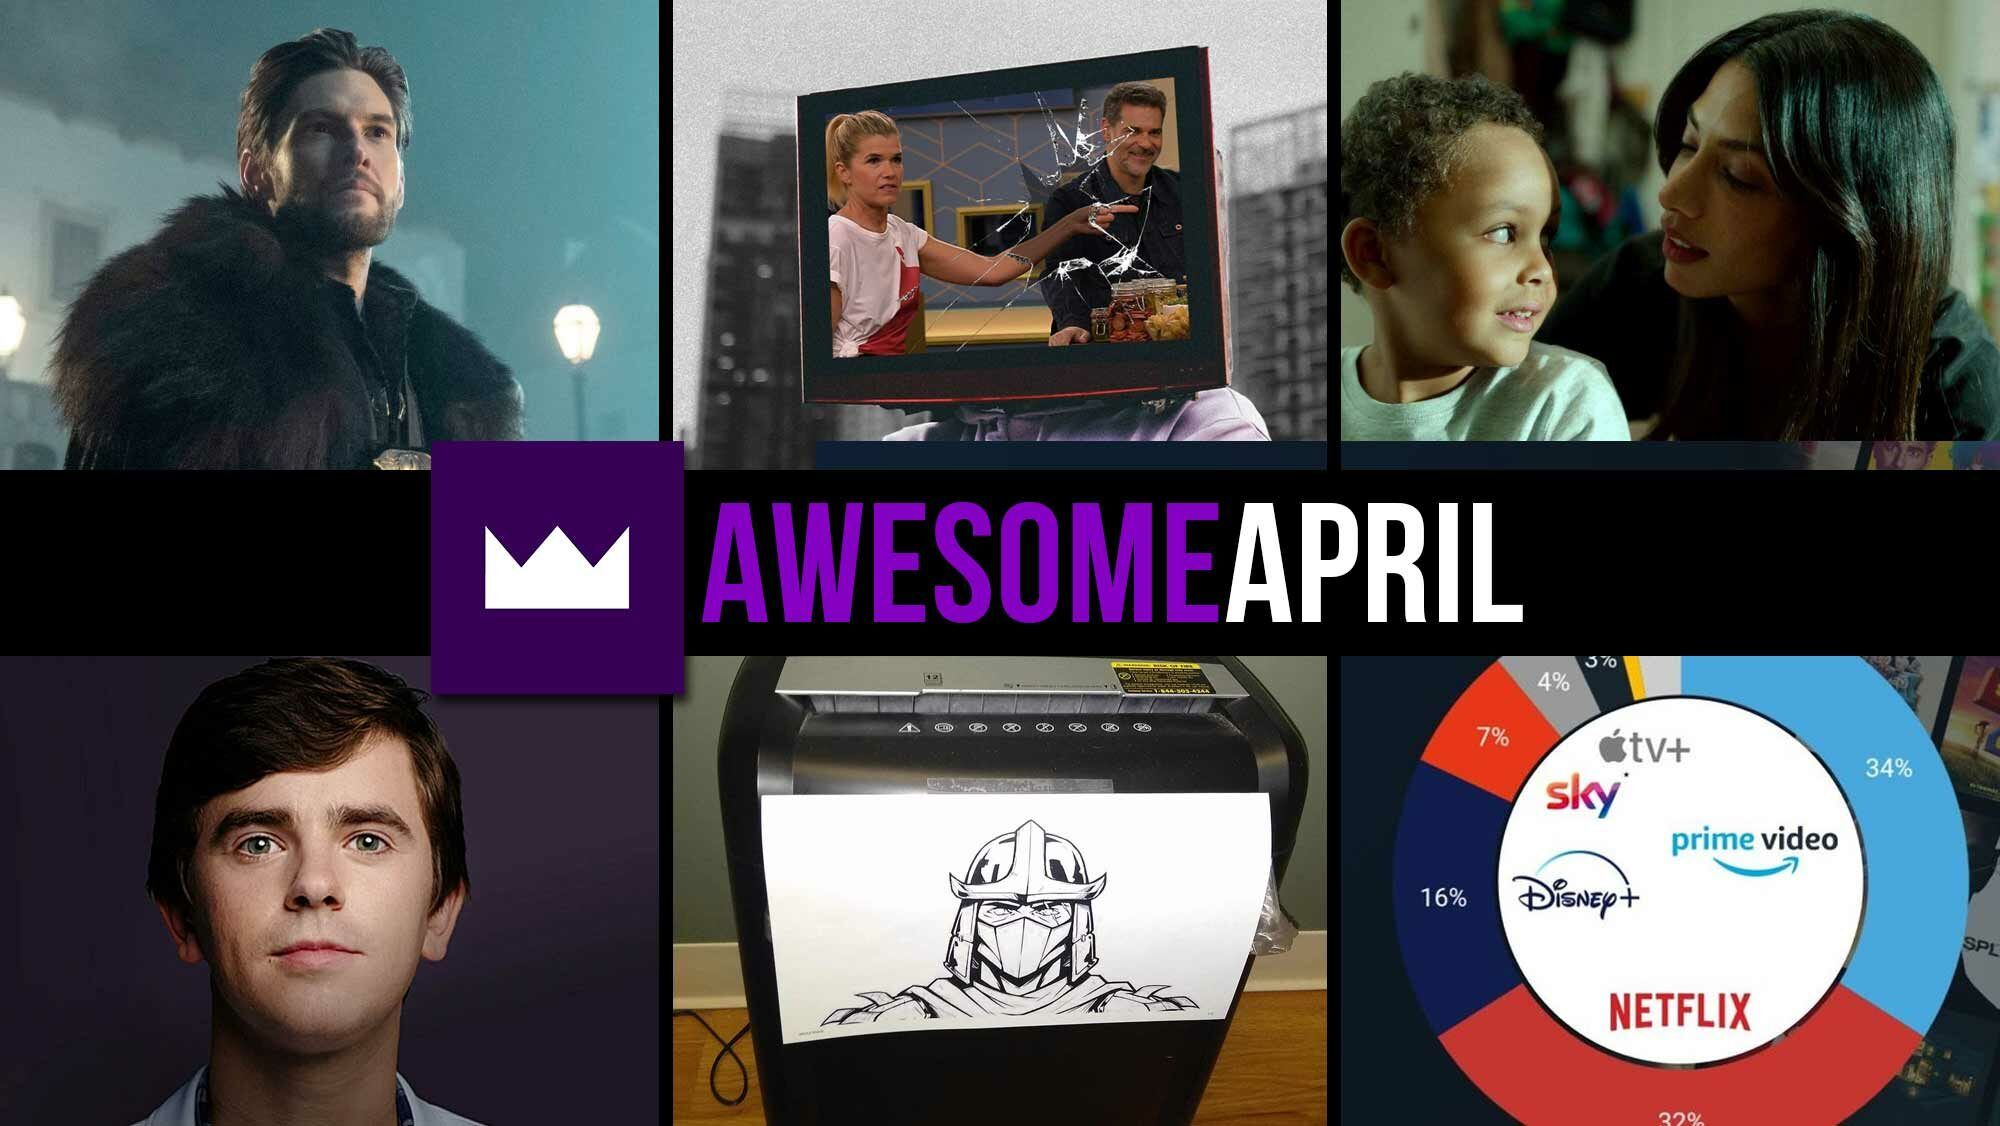 Toplisten: Die beliebtesten TV-Serien des Monats April 2021